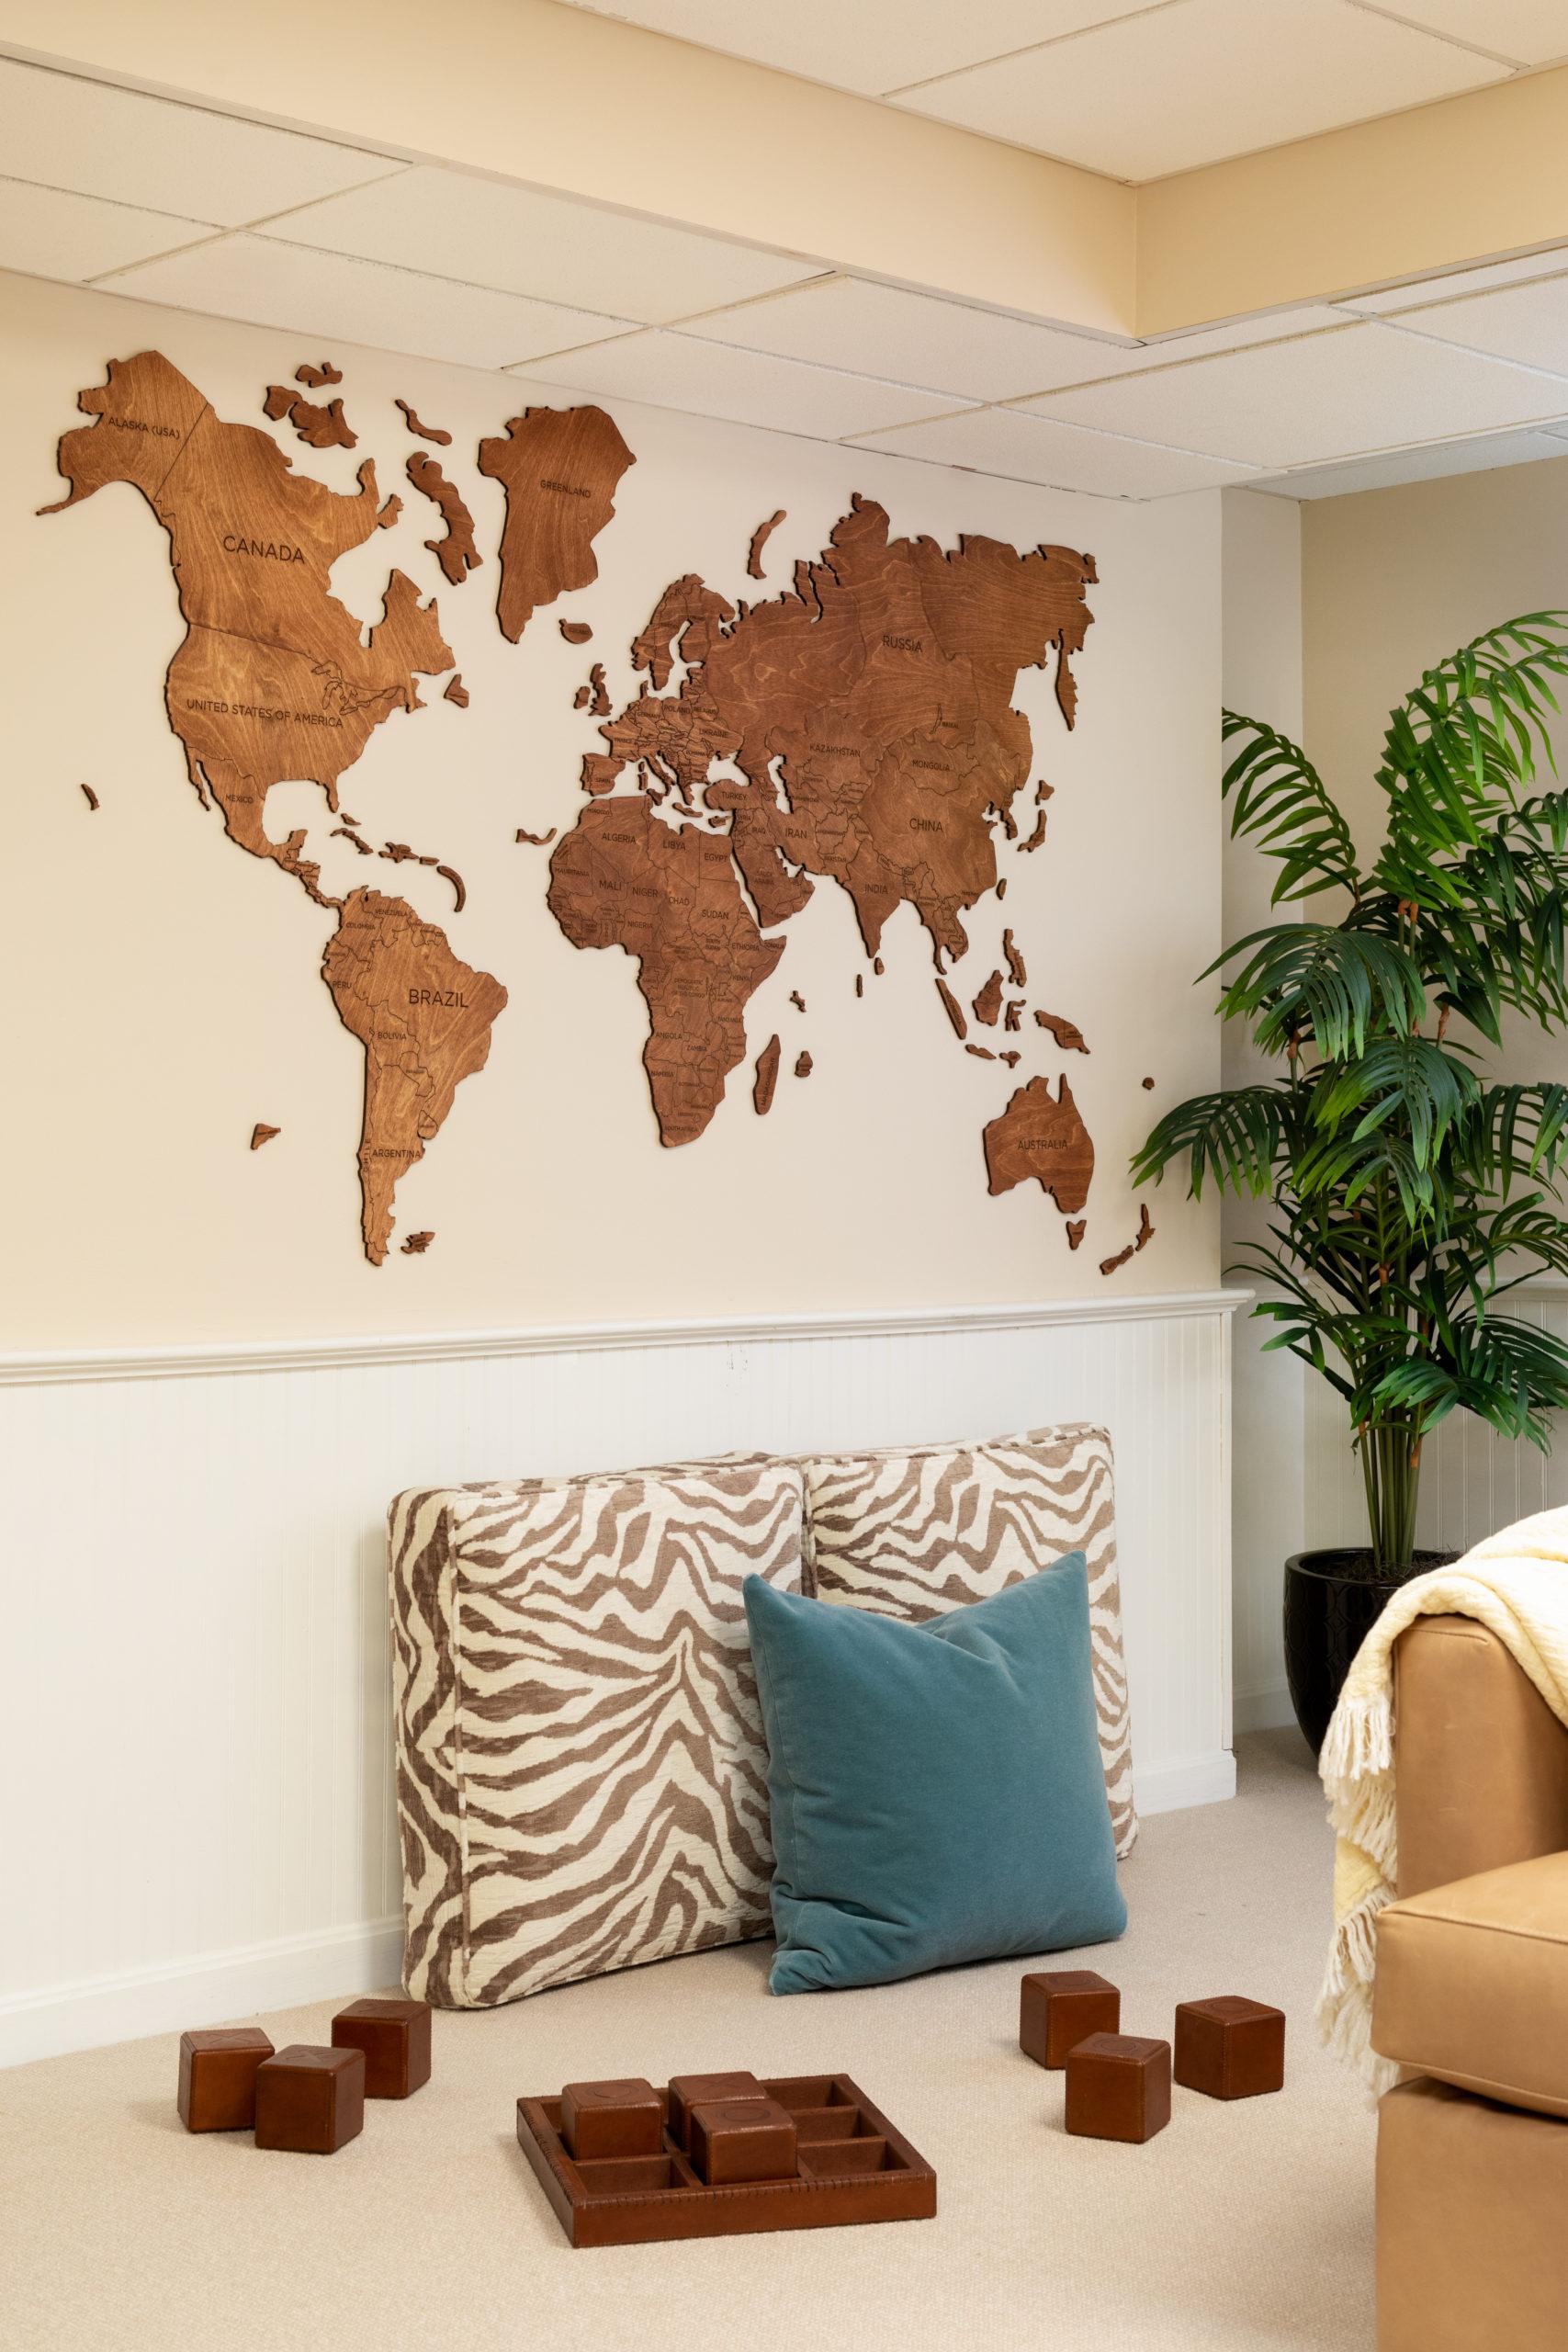 Basement playroom world map wall